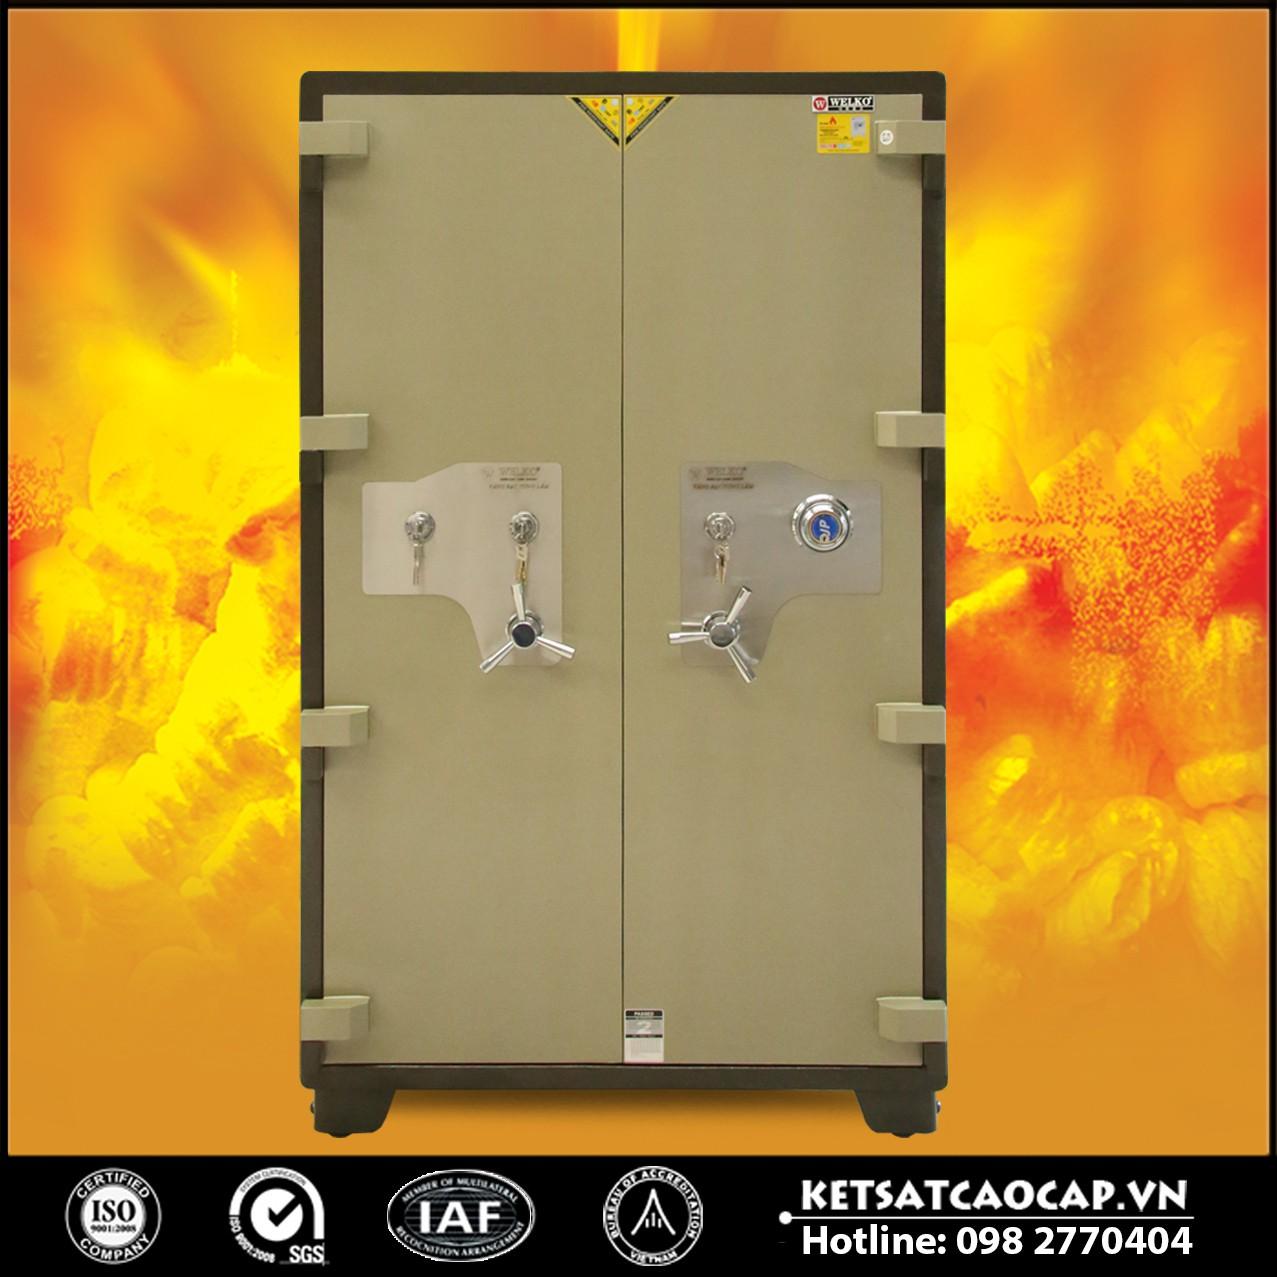 Két Sắt Xuất Khẩu Cao Cấp Két Sắt Tiệm Vàng NSA 1650 DK